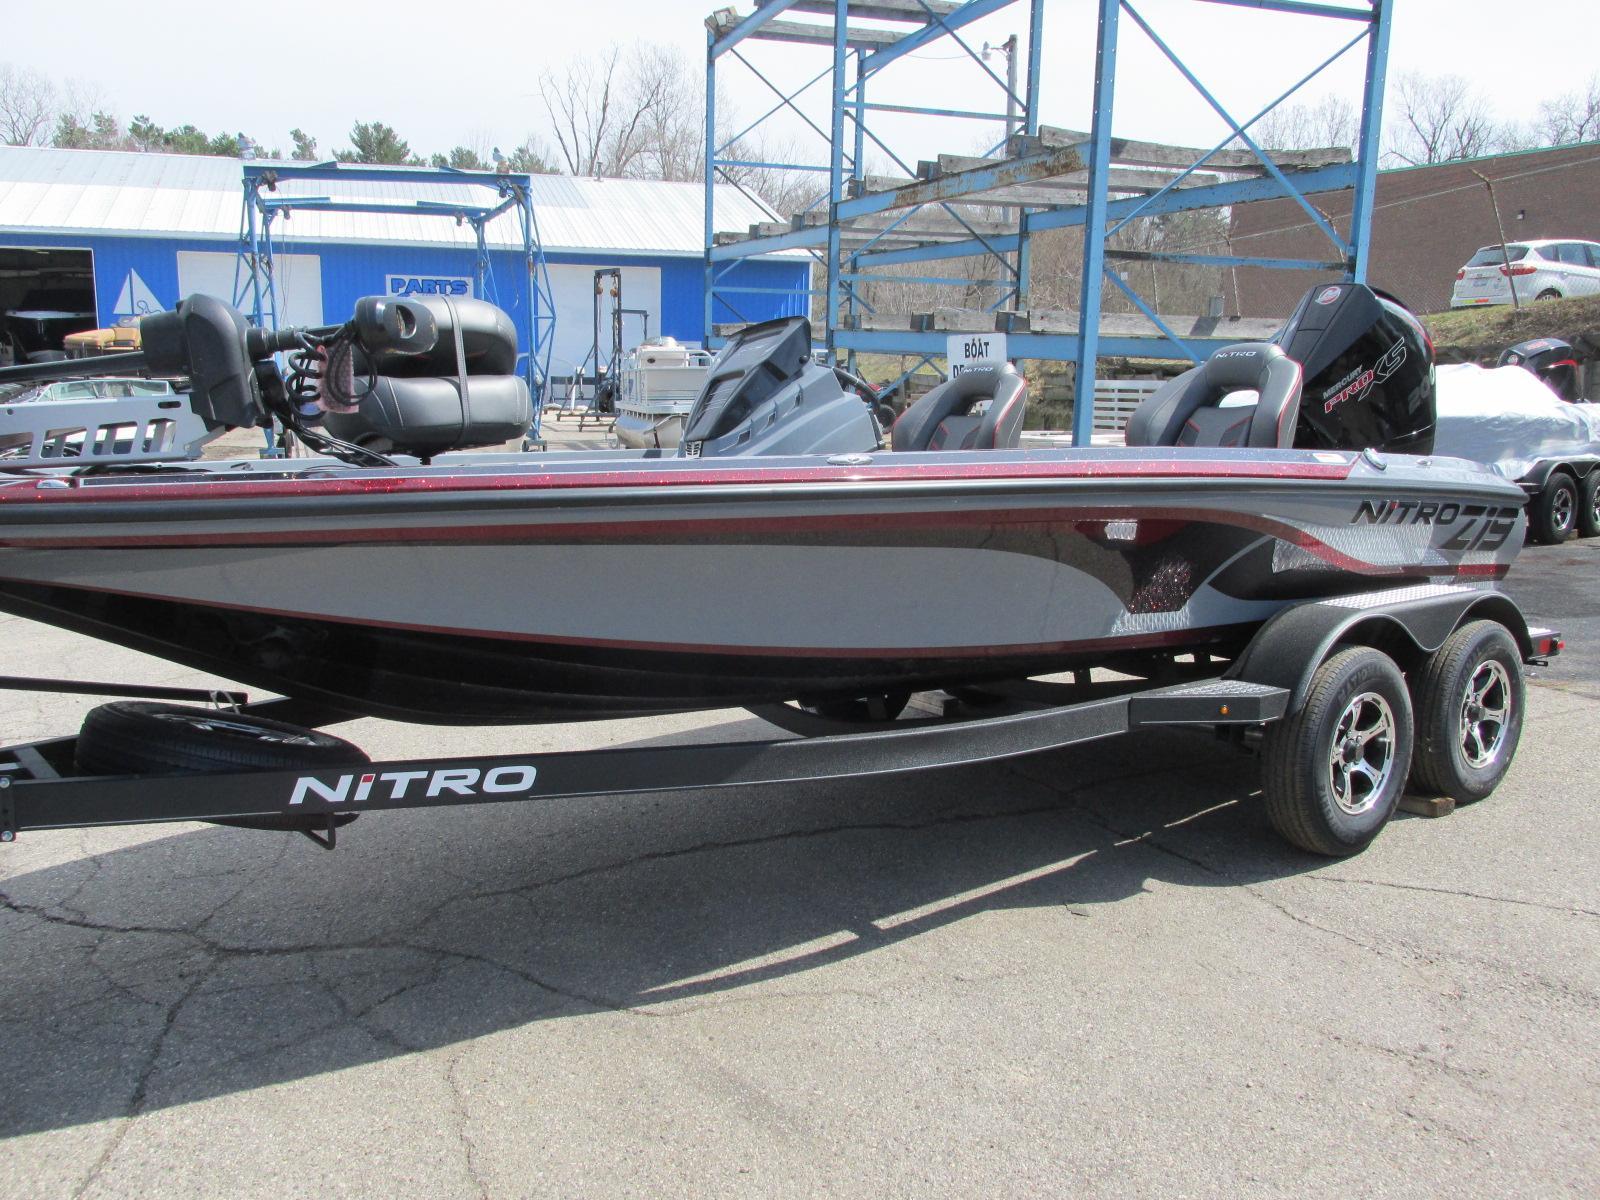 NitroZ19 Pro